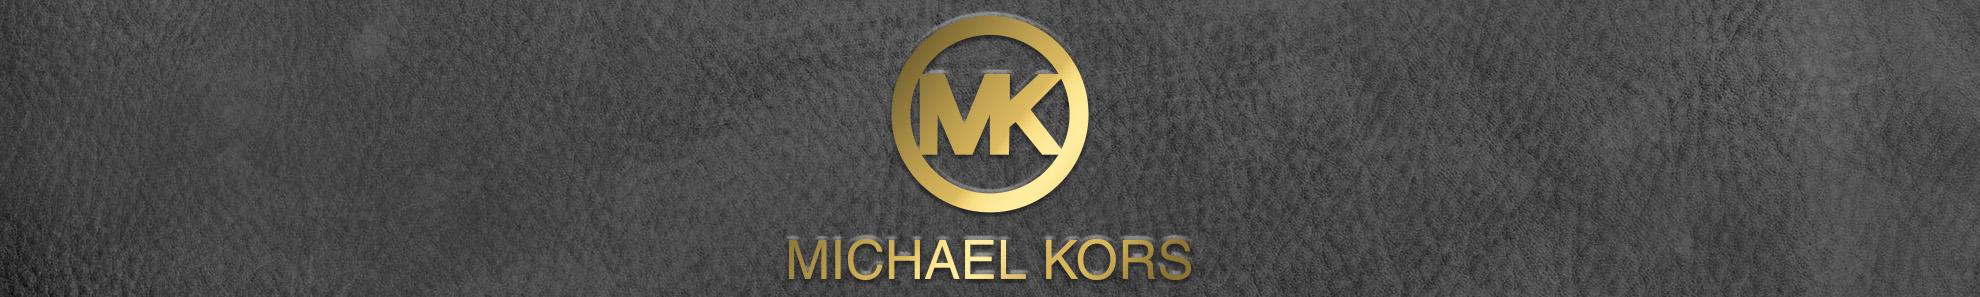 b35920af7 RELOGIO MICHAEL KORS MK5605/Z Michael Kors